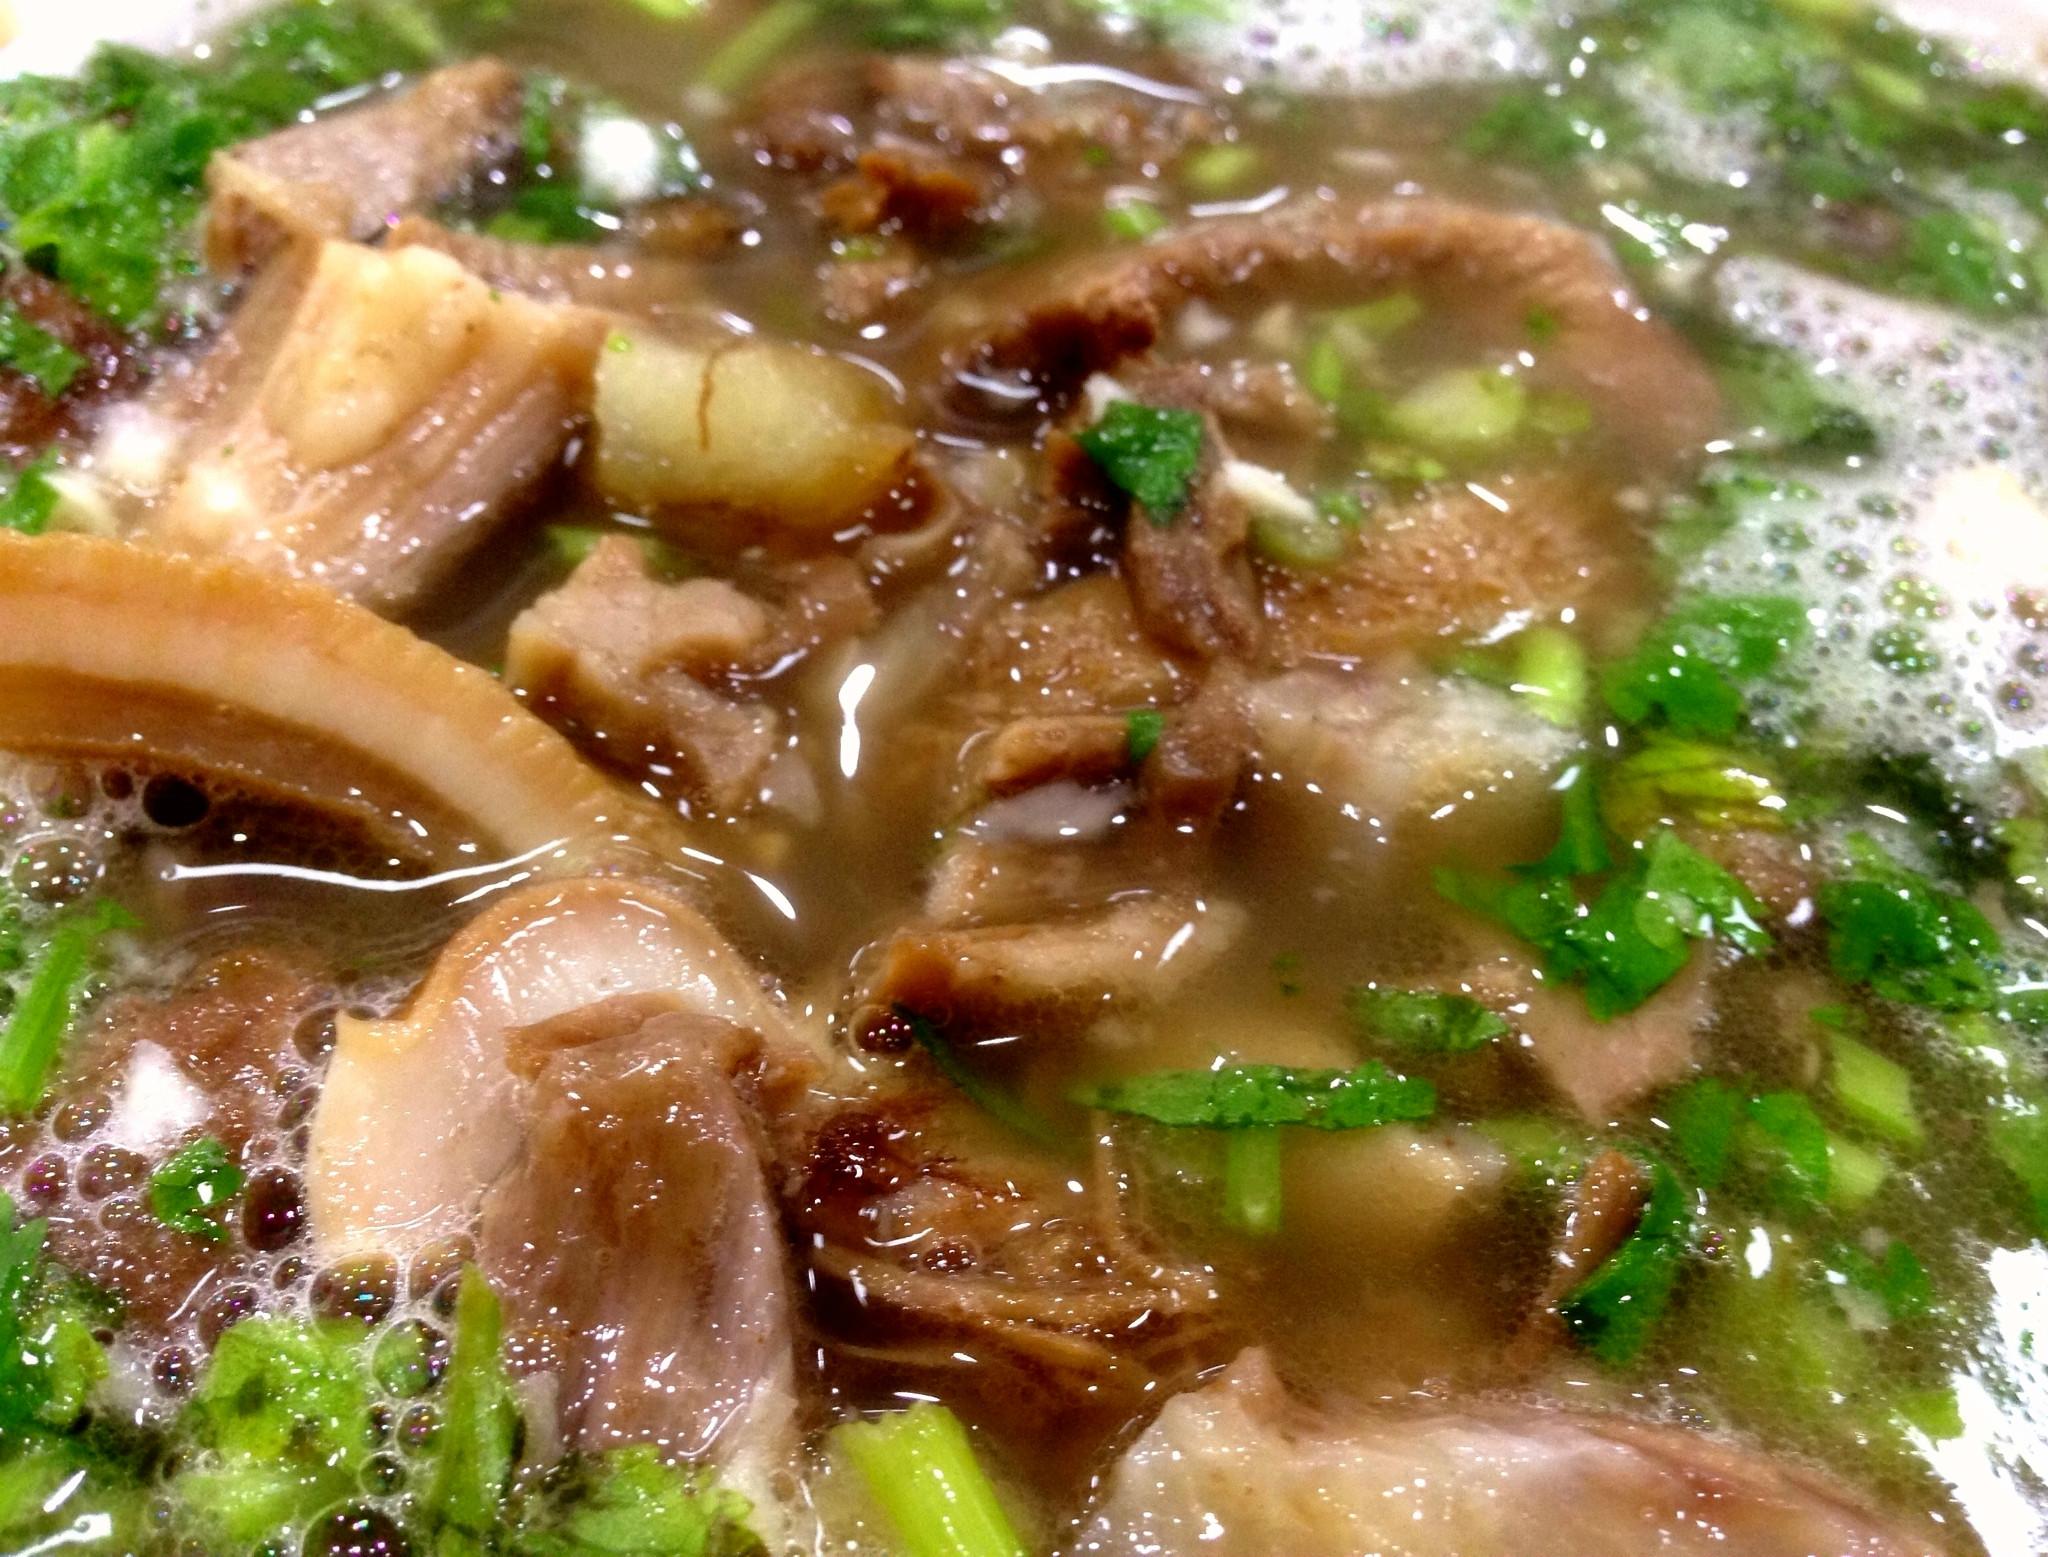 沧州特色小吃之羊杂汤